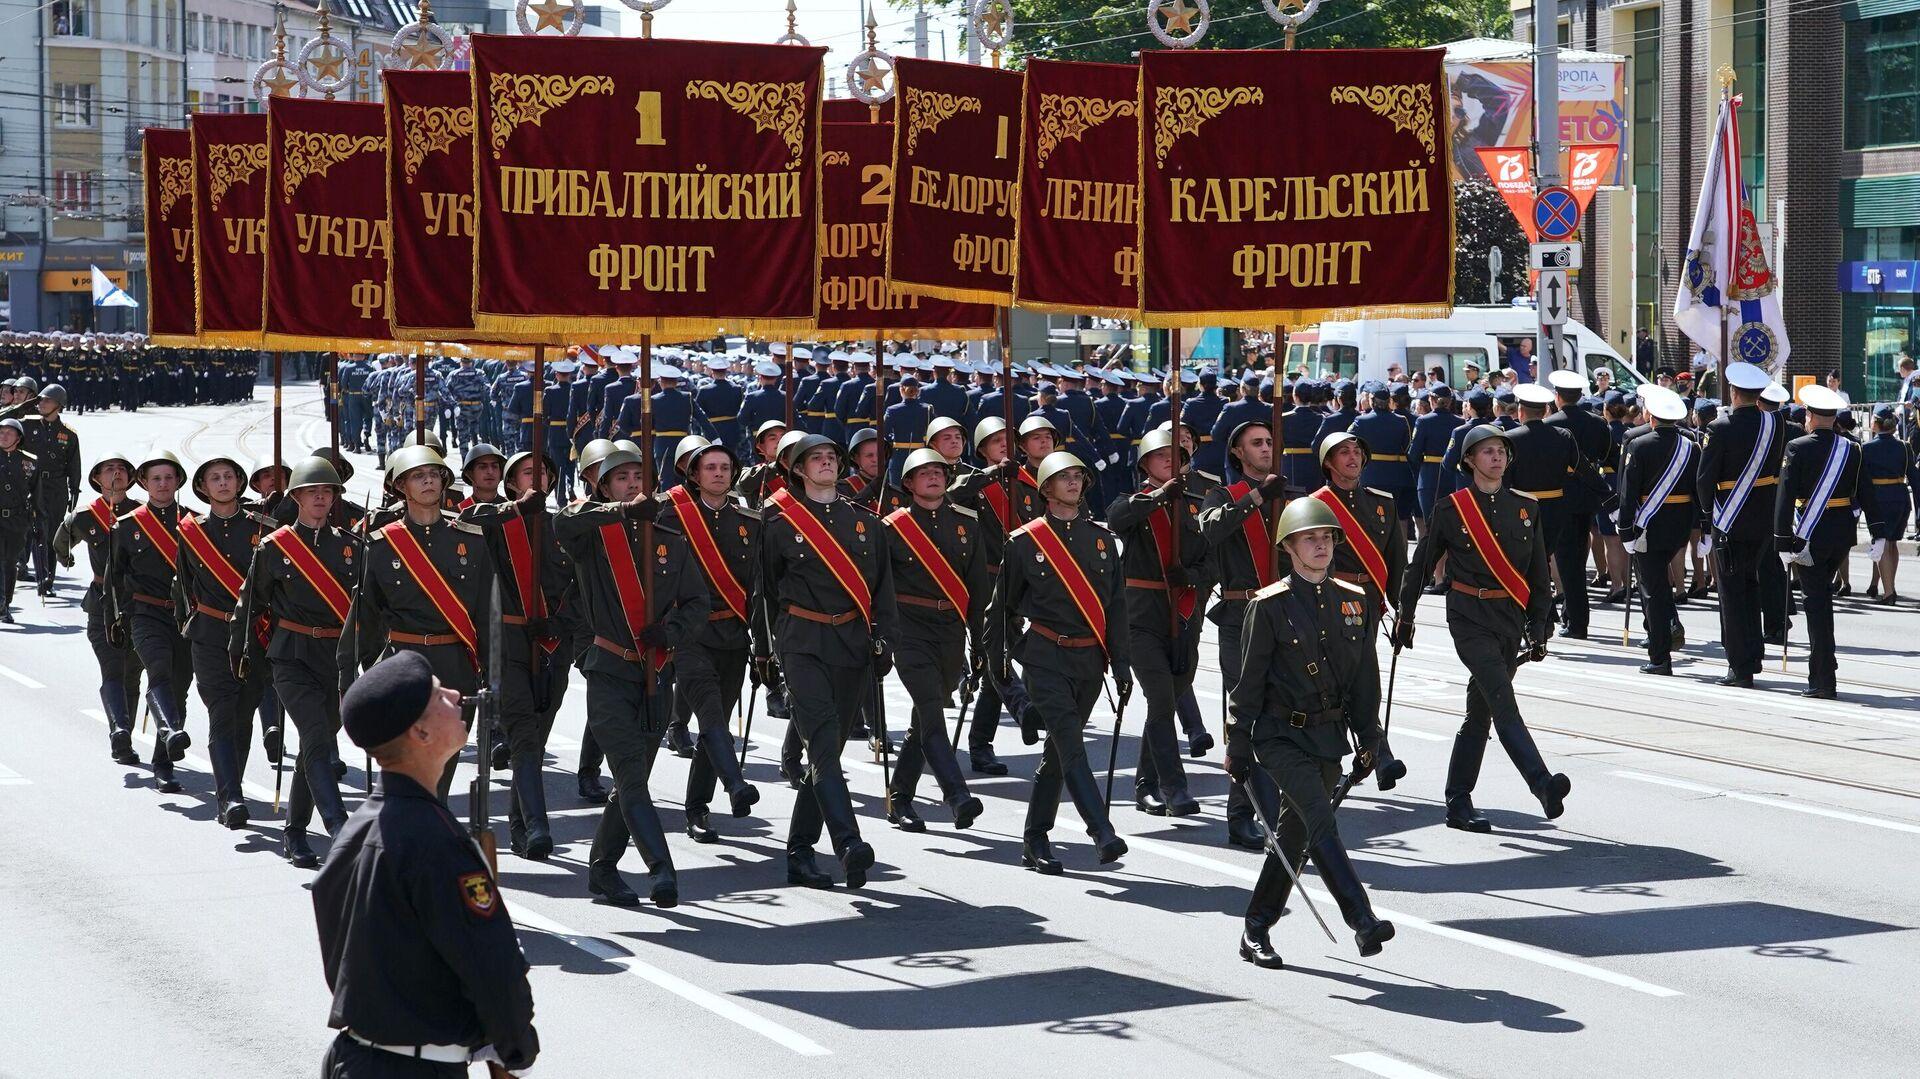 Военнослужащие парадных расчетов на военном параде в честь Дня Победы в Калининграде - РИА Новости, 1920, 09.05.2021